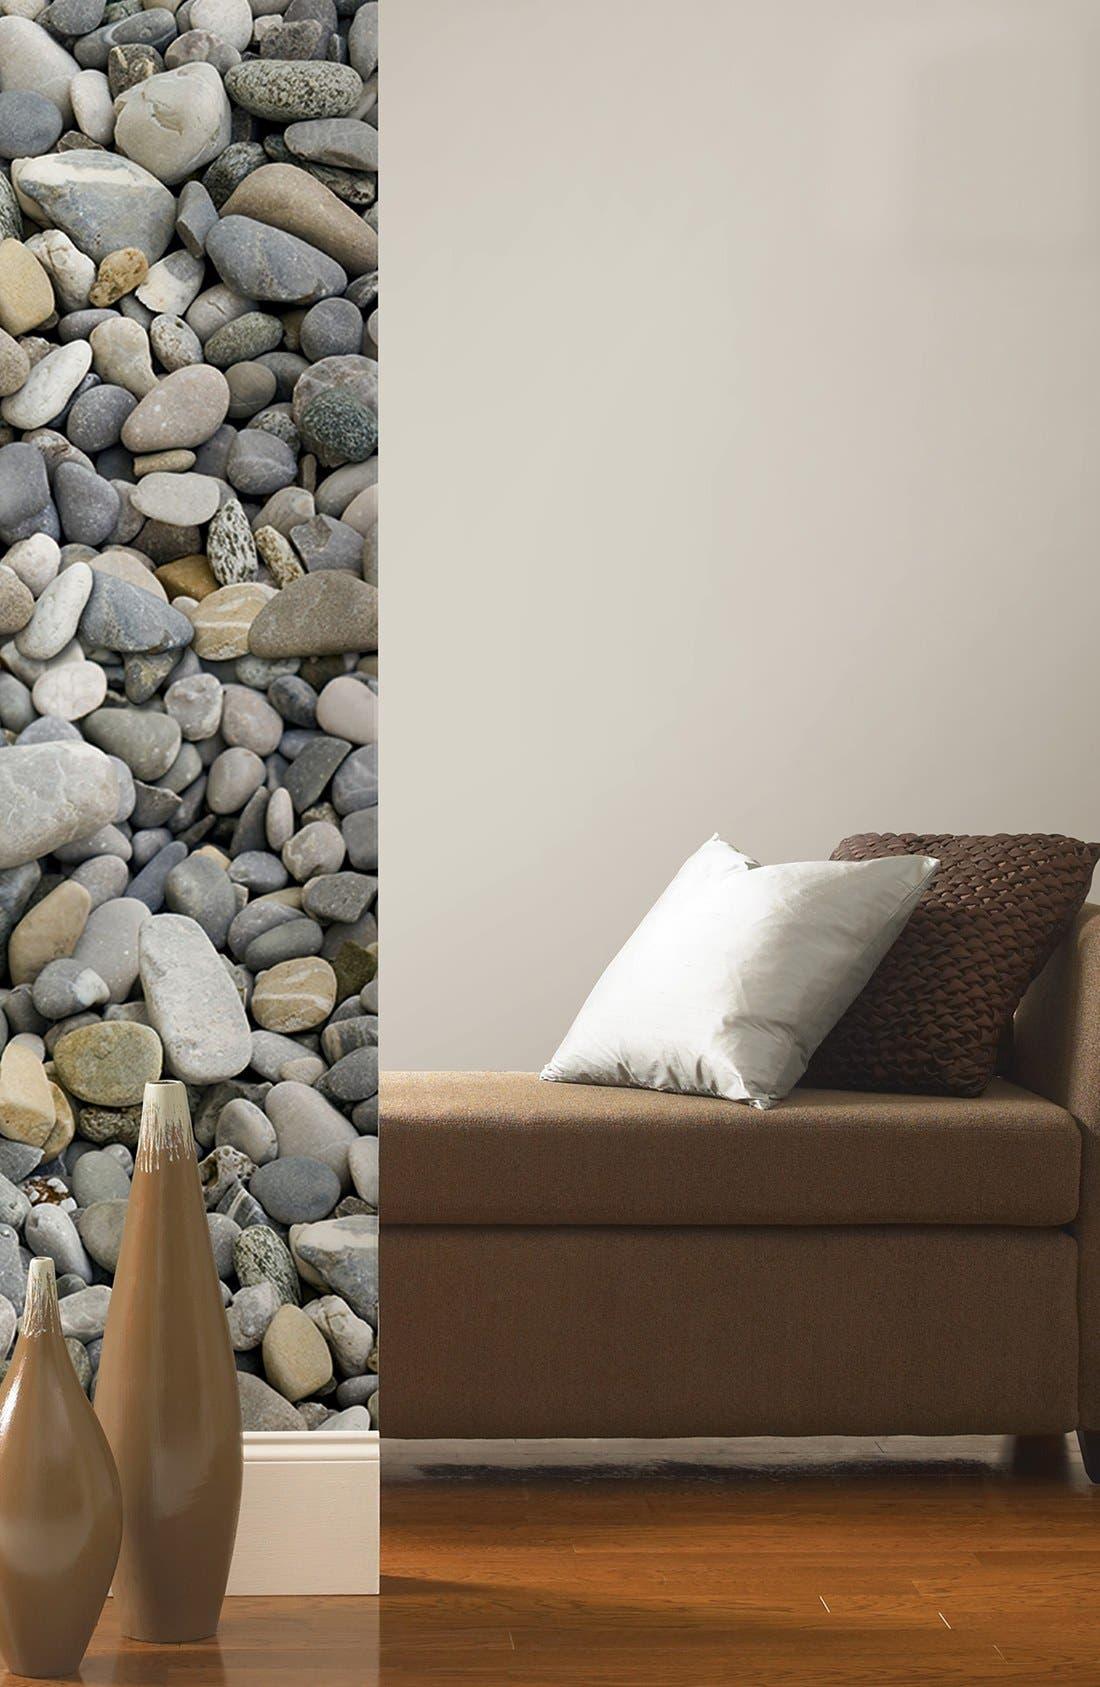 Main Image - Wallpops 'Pebbles' Wall Art